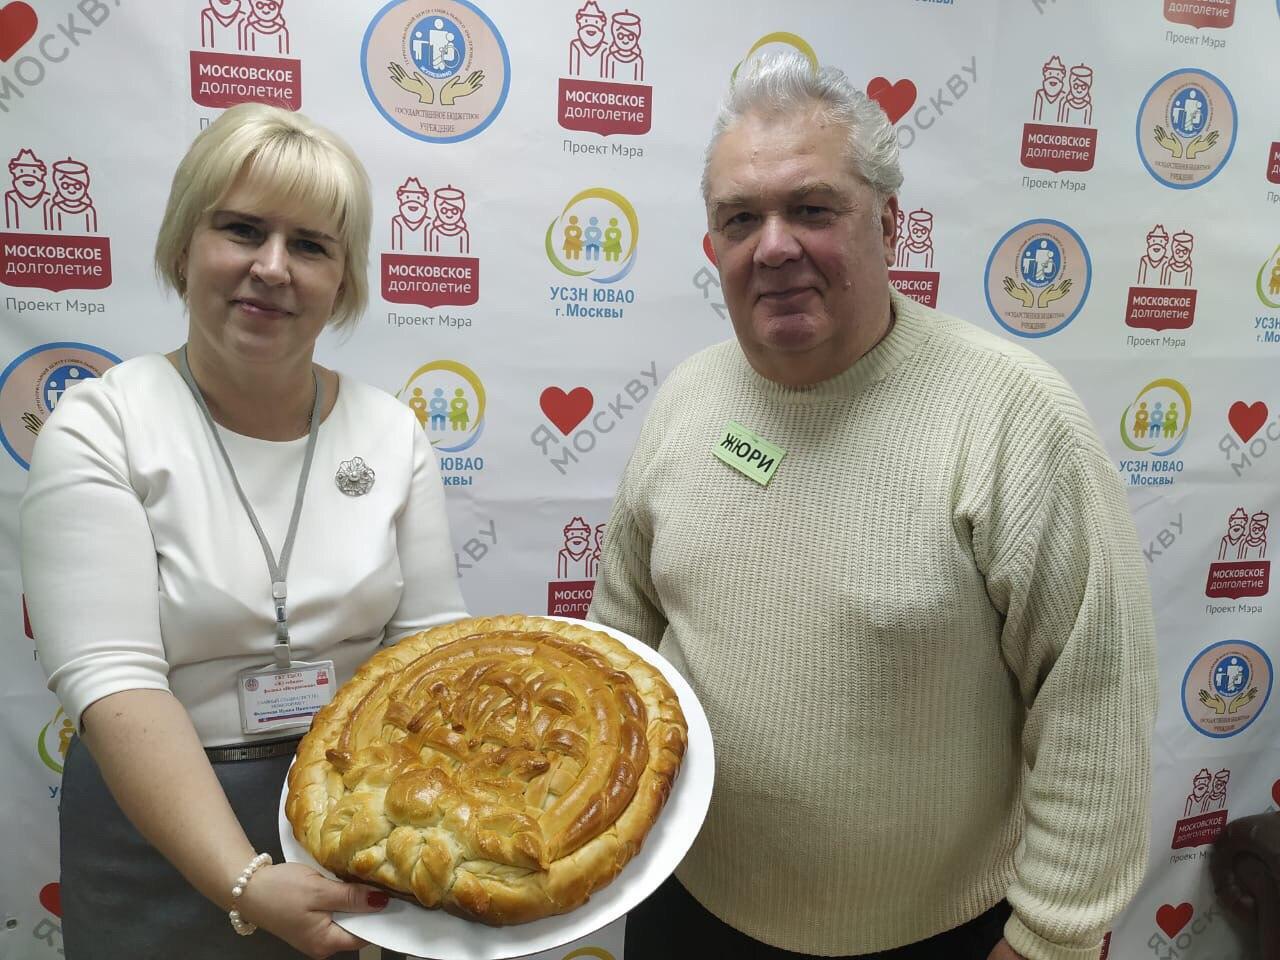 Гости центра соцобслуживания Некрасовки отметили День пирога